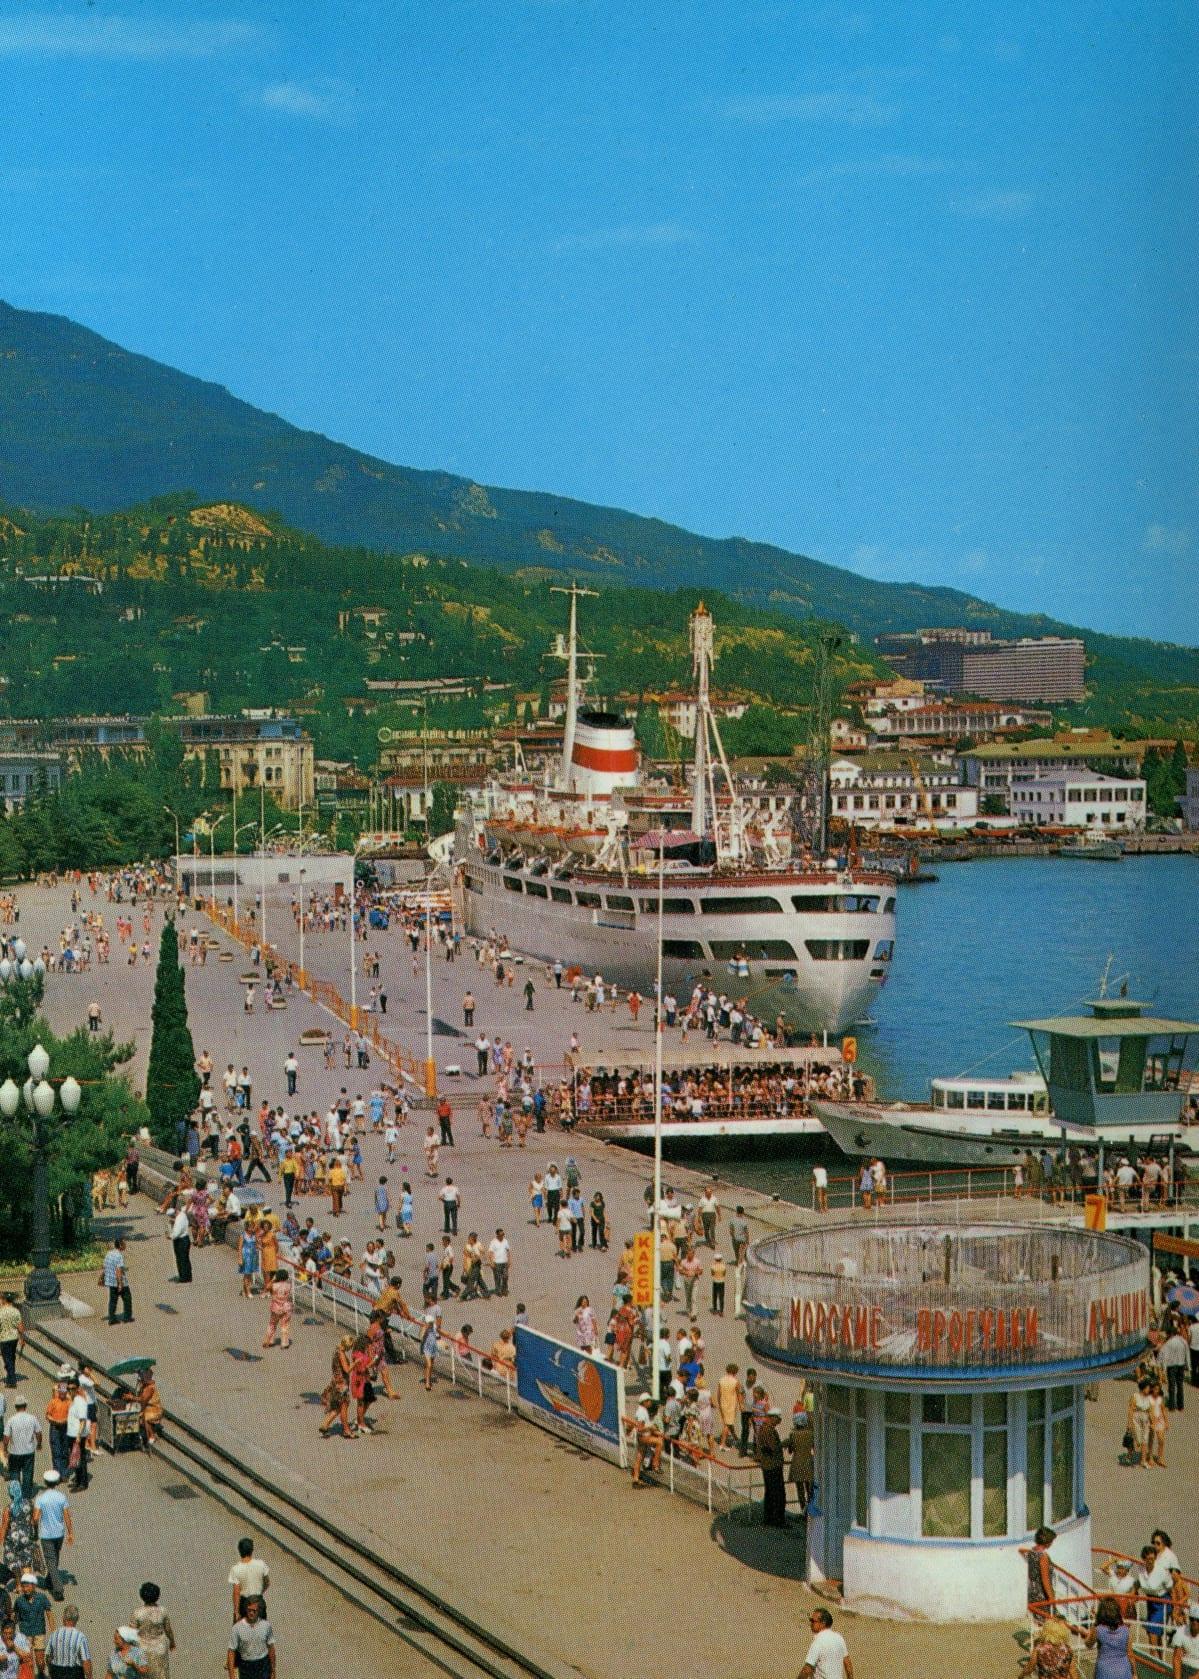 Postikortti Neuvostoliitosta. Satama Mustanmeren rannalla.